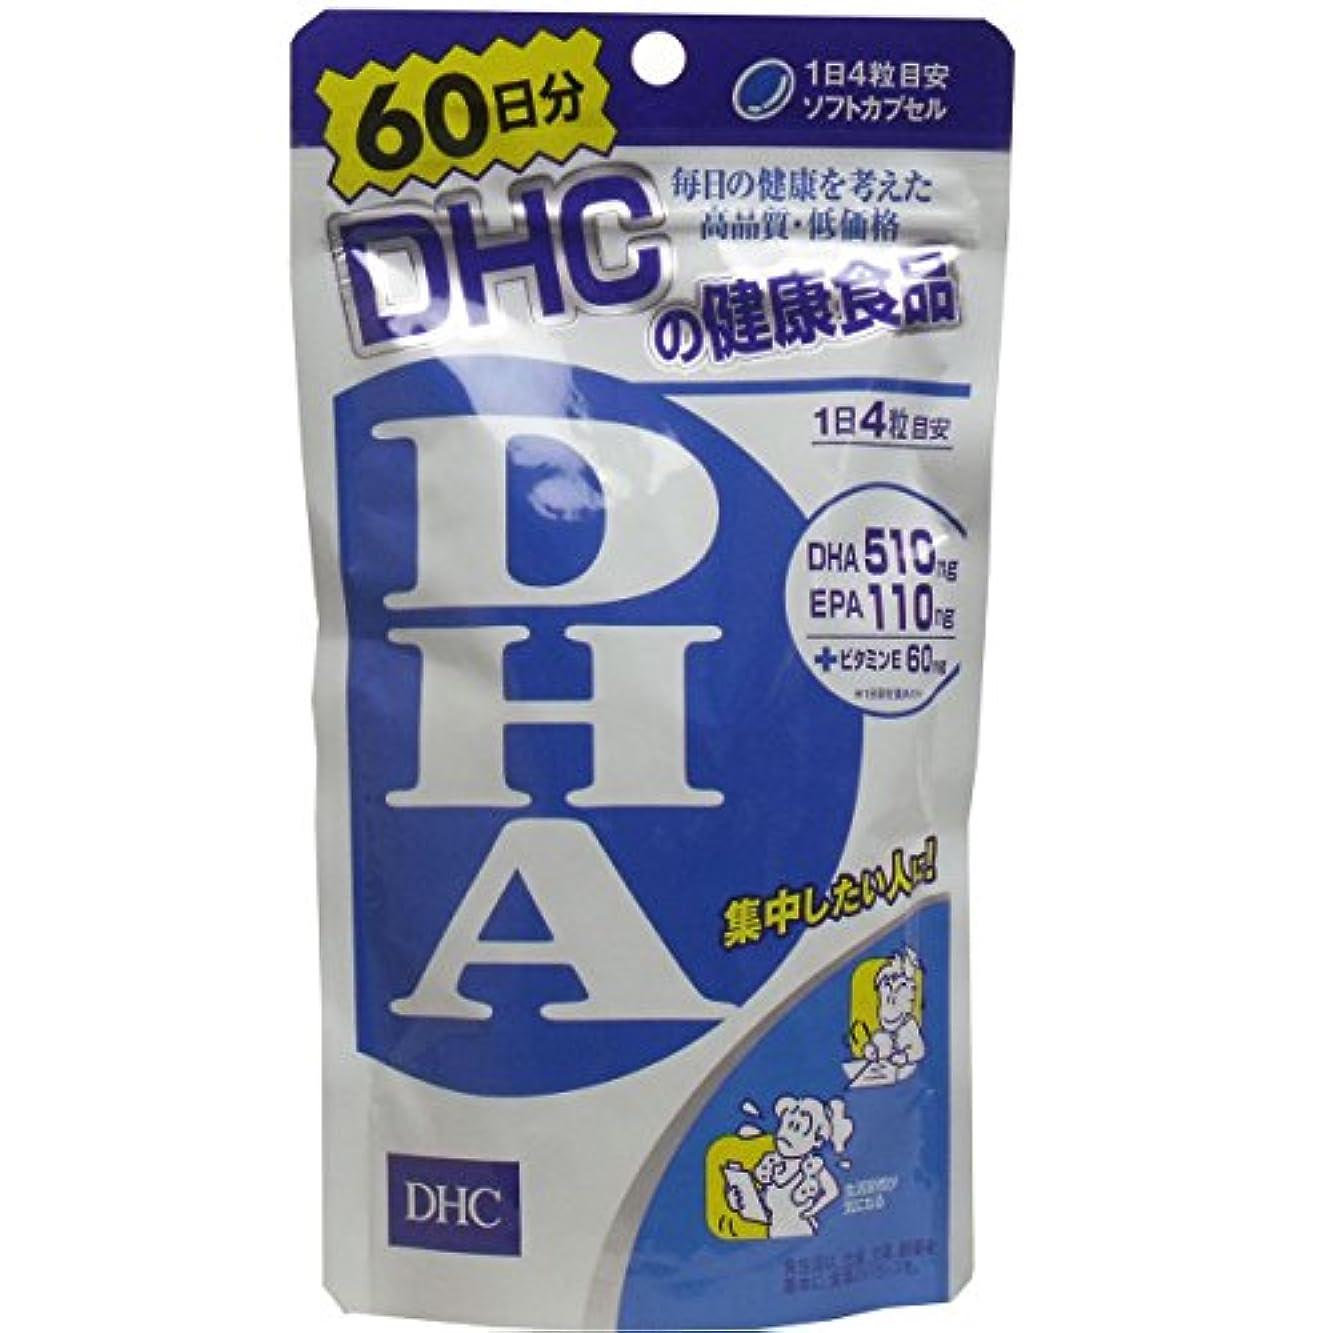 面白い不調和配管工<お得な2個パック>DHC DHA 60日分 240粒入り×2個